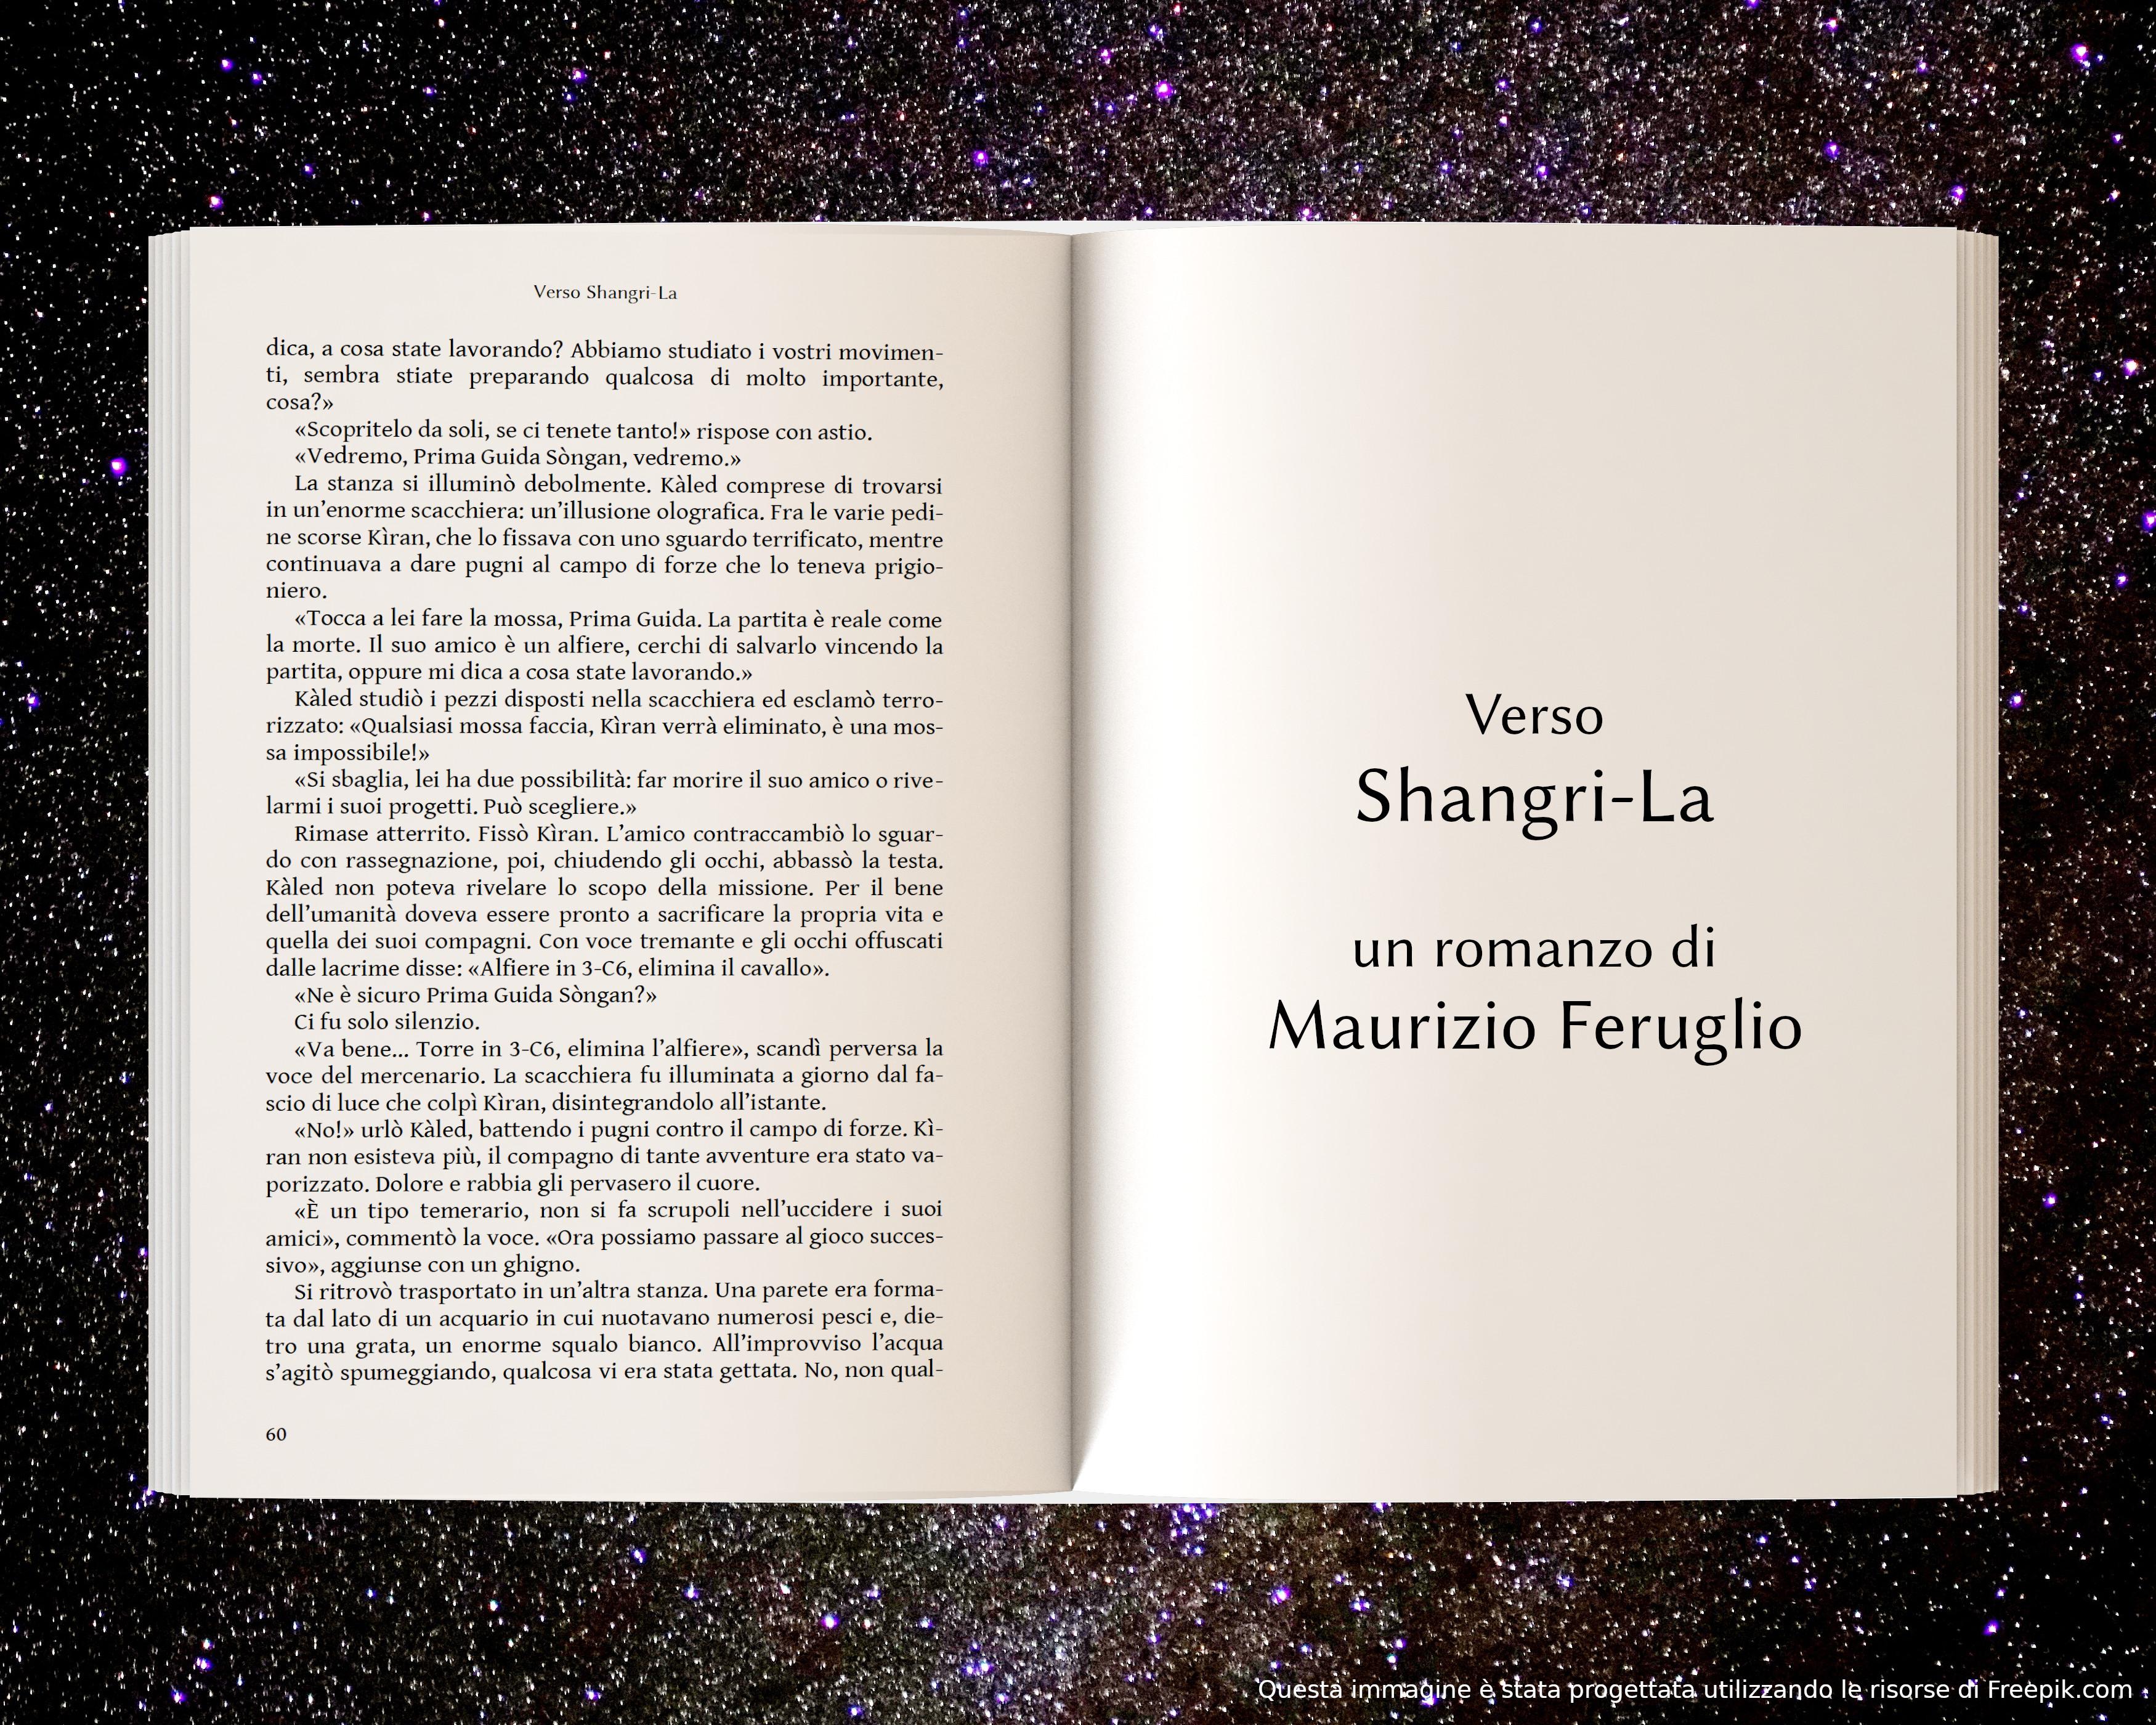 Prigionieri di Tros, parte seconda - anteprima di Verso Shangri-La di Maurizio Feruglio